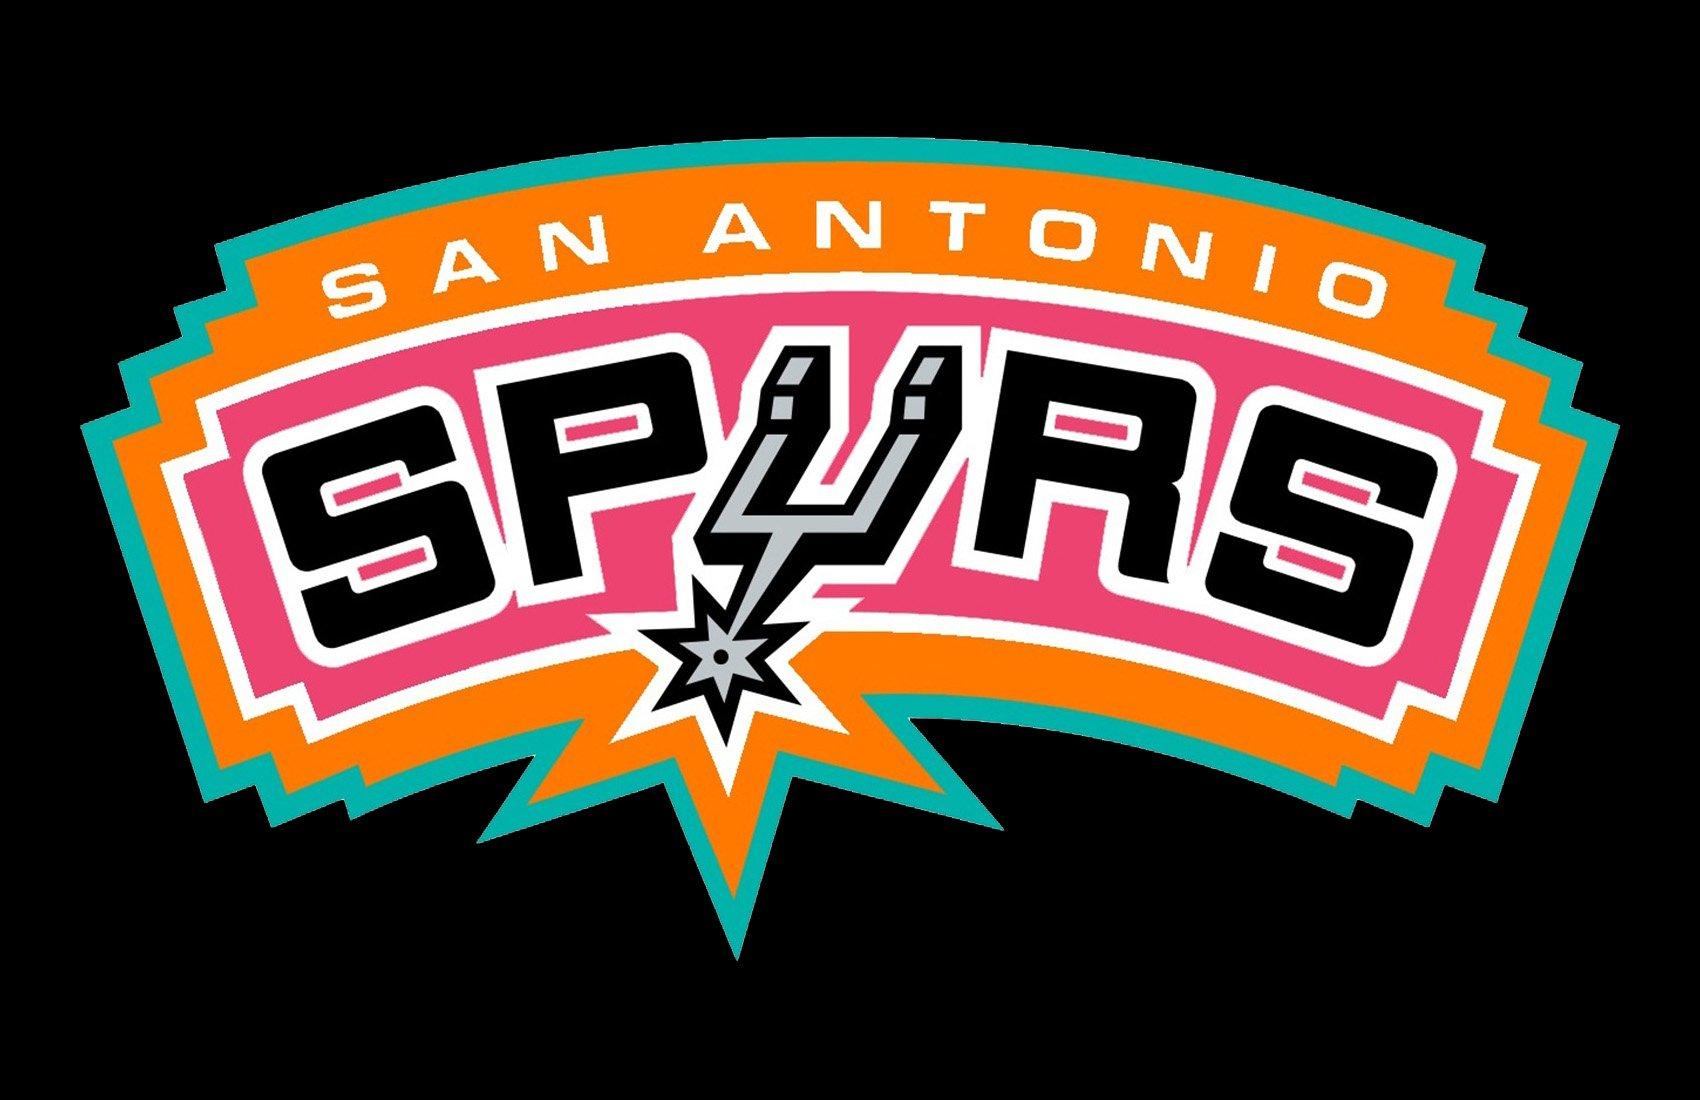 san antonio spurs logo  san antonio spurs symbol  meaning Dallas Cowboys Logo Dallas Cowboys Logo